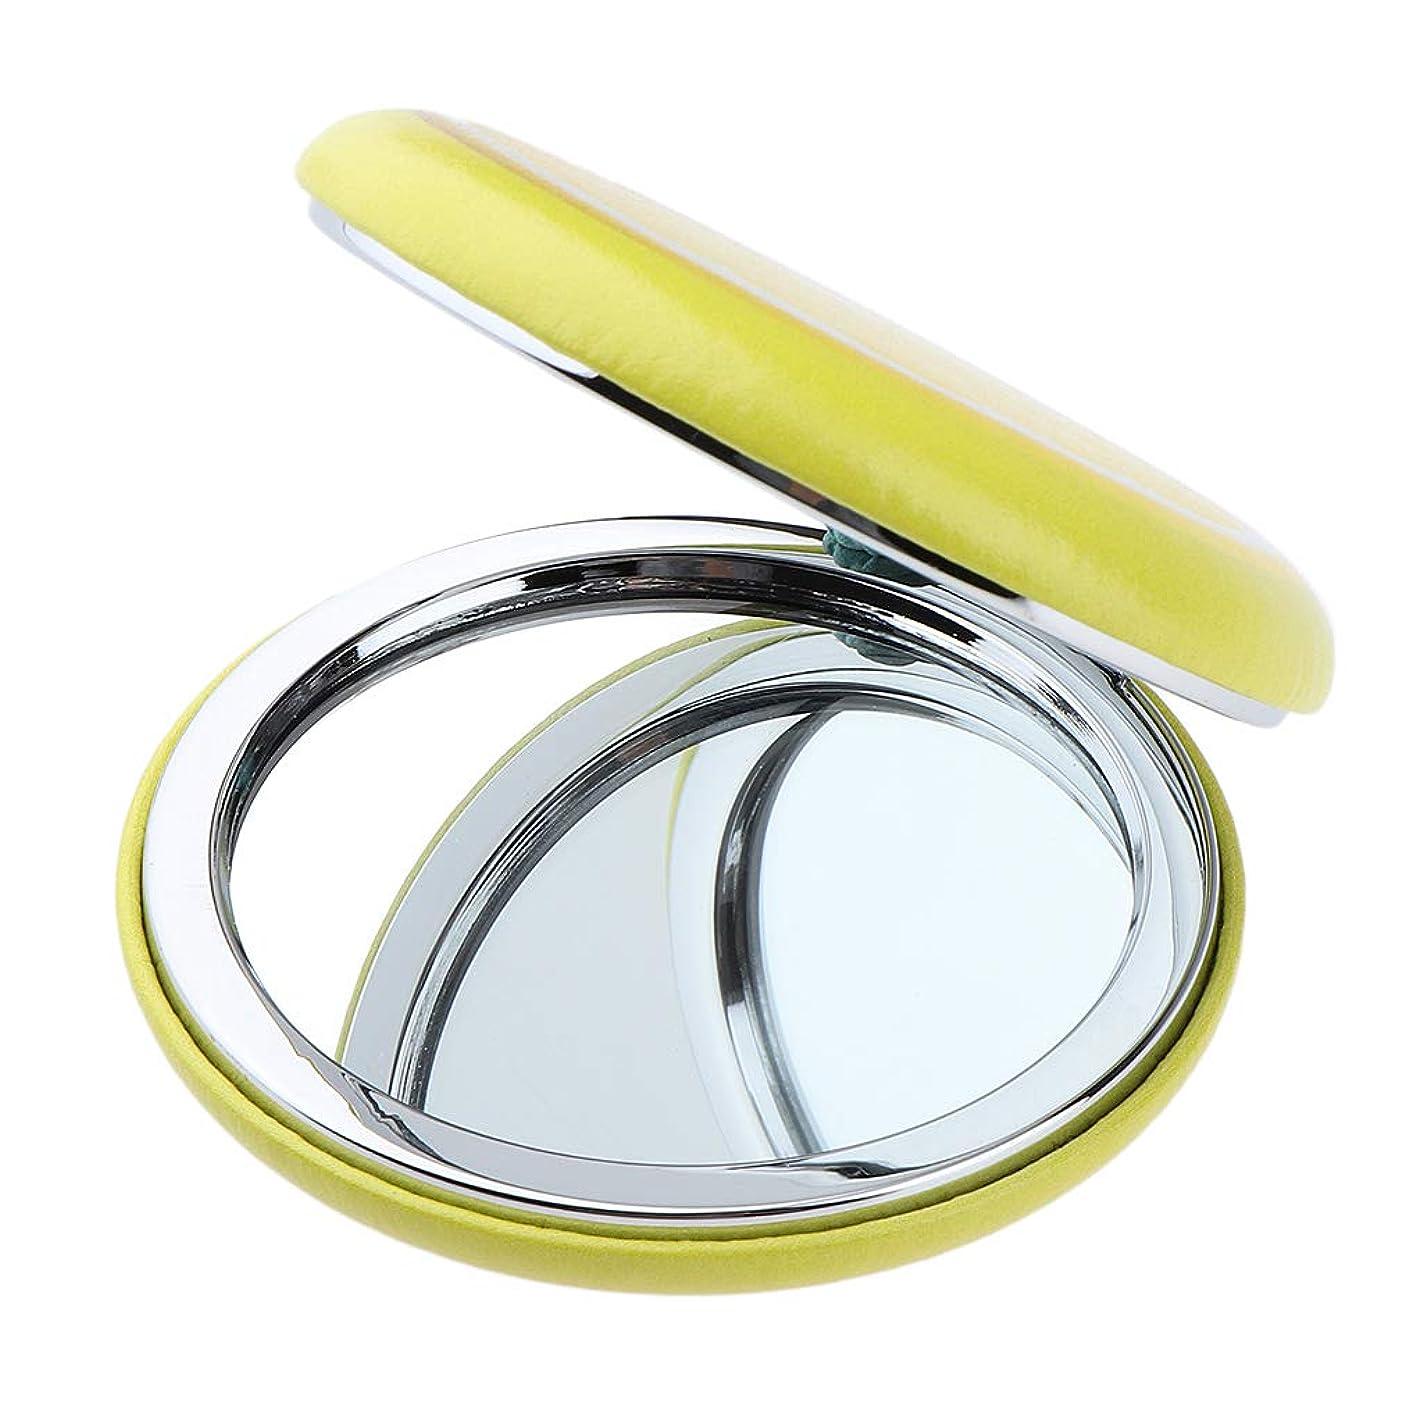 アフリカ蛾尾F Fityle 折りたたみ化粧鏡 メイクアップミラー ポータブル 美容鏡 旅行小物 3仕様選べ - イエロー - レモン